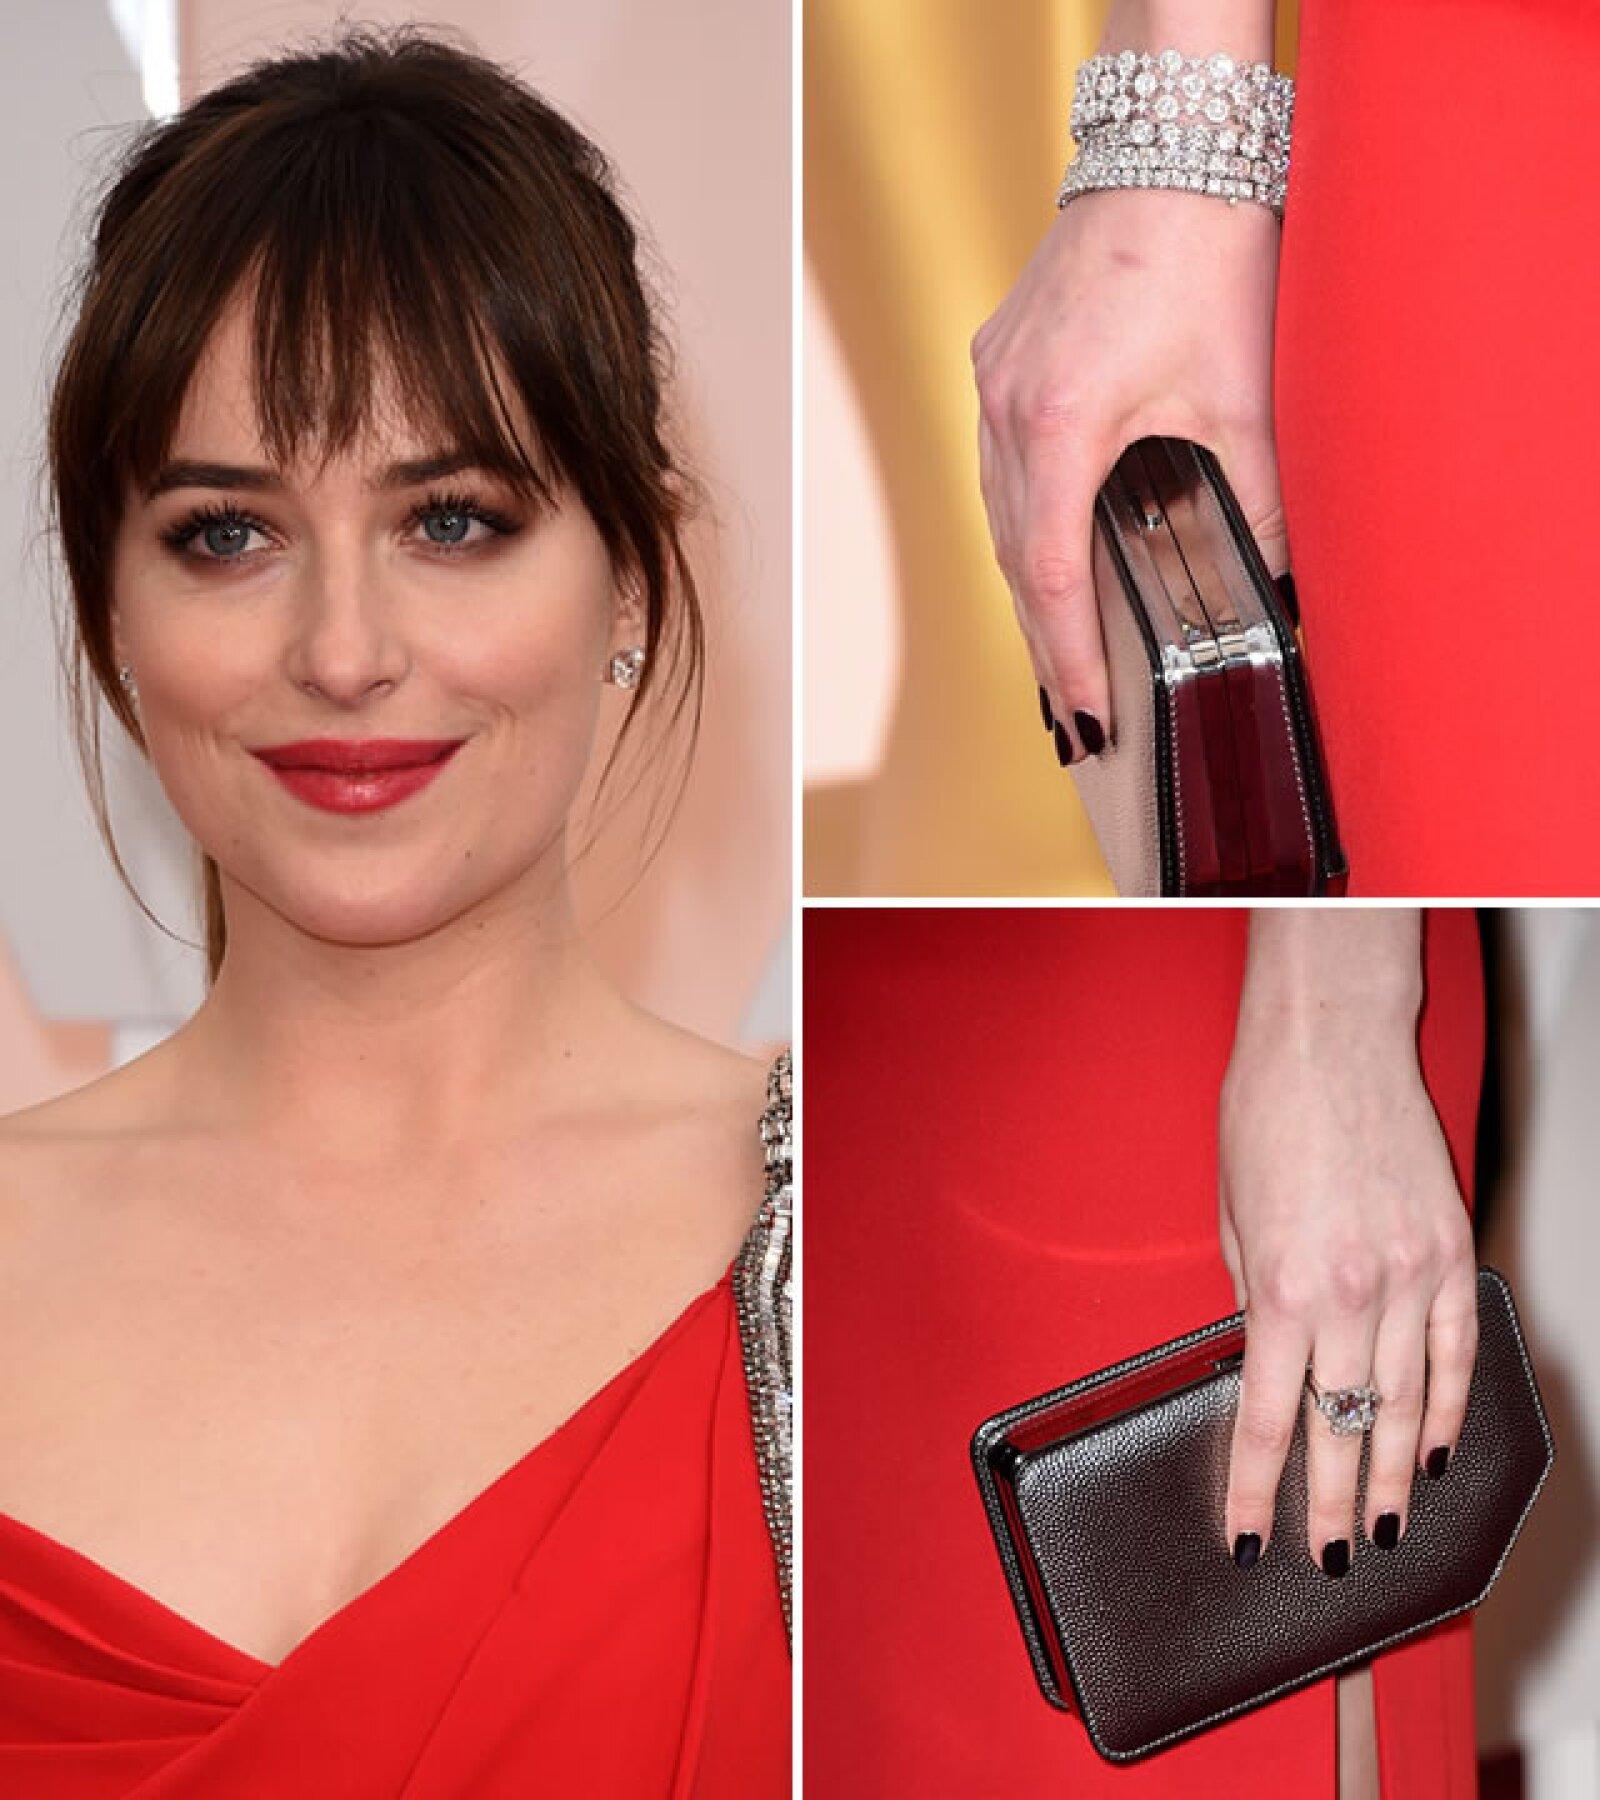 Una de las actrices que más lució en los Oscar, Dakota Johnson, usó aretes y pulseras de Forevermark Diamonds, superando los $2 millones de dólares y los 28k.